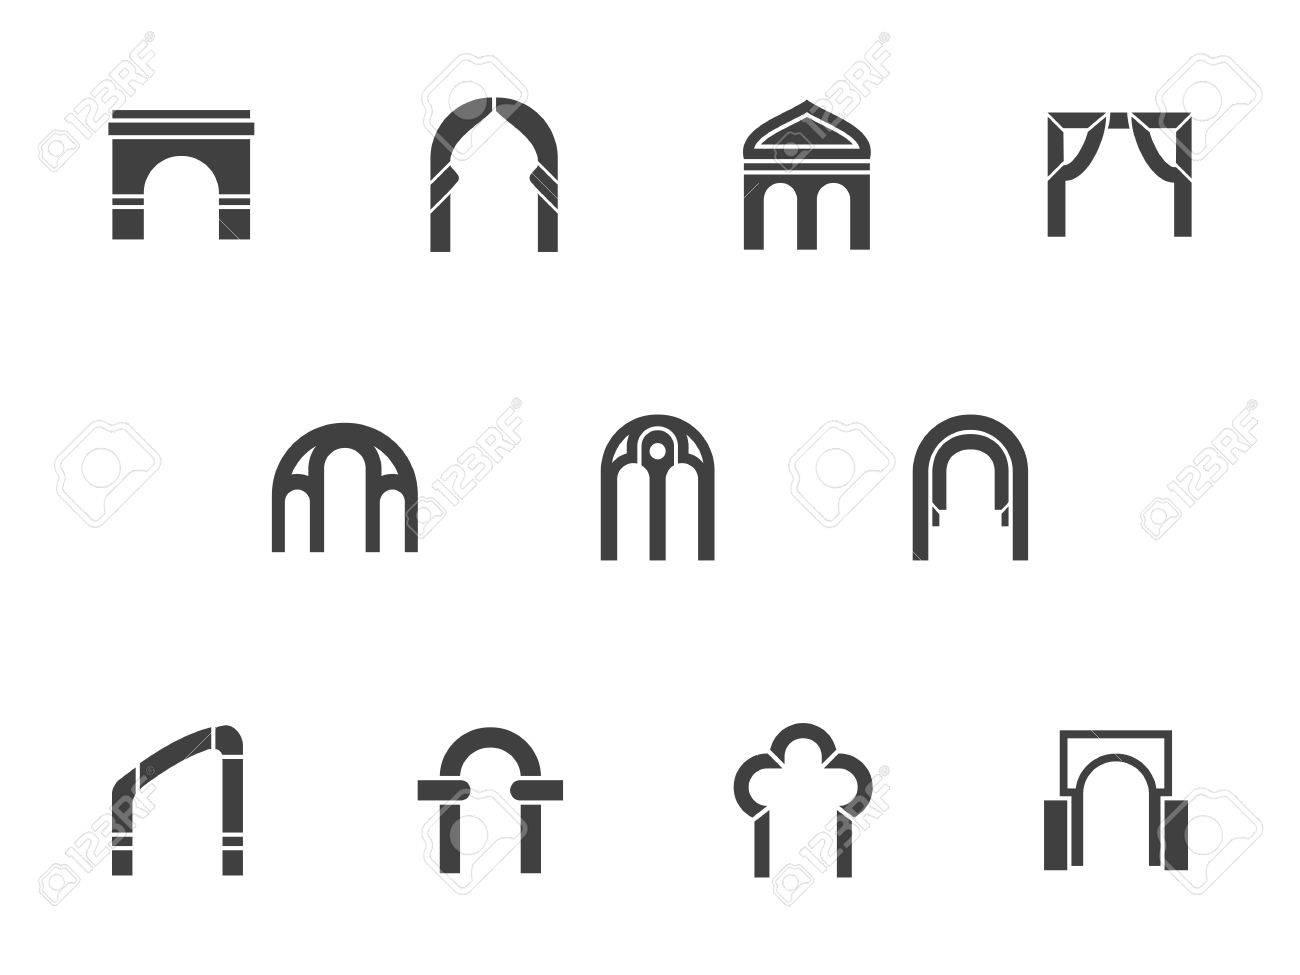 Silueta De Formas Y Tipos De Arcos Comunes. Los Elementos ...